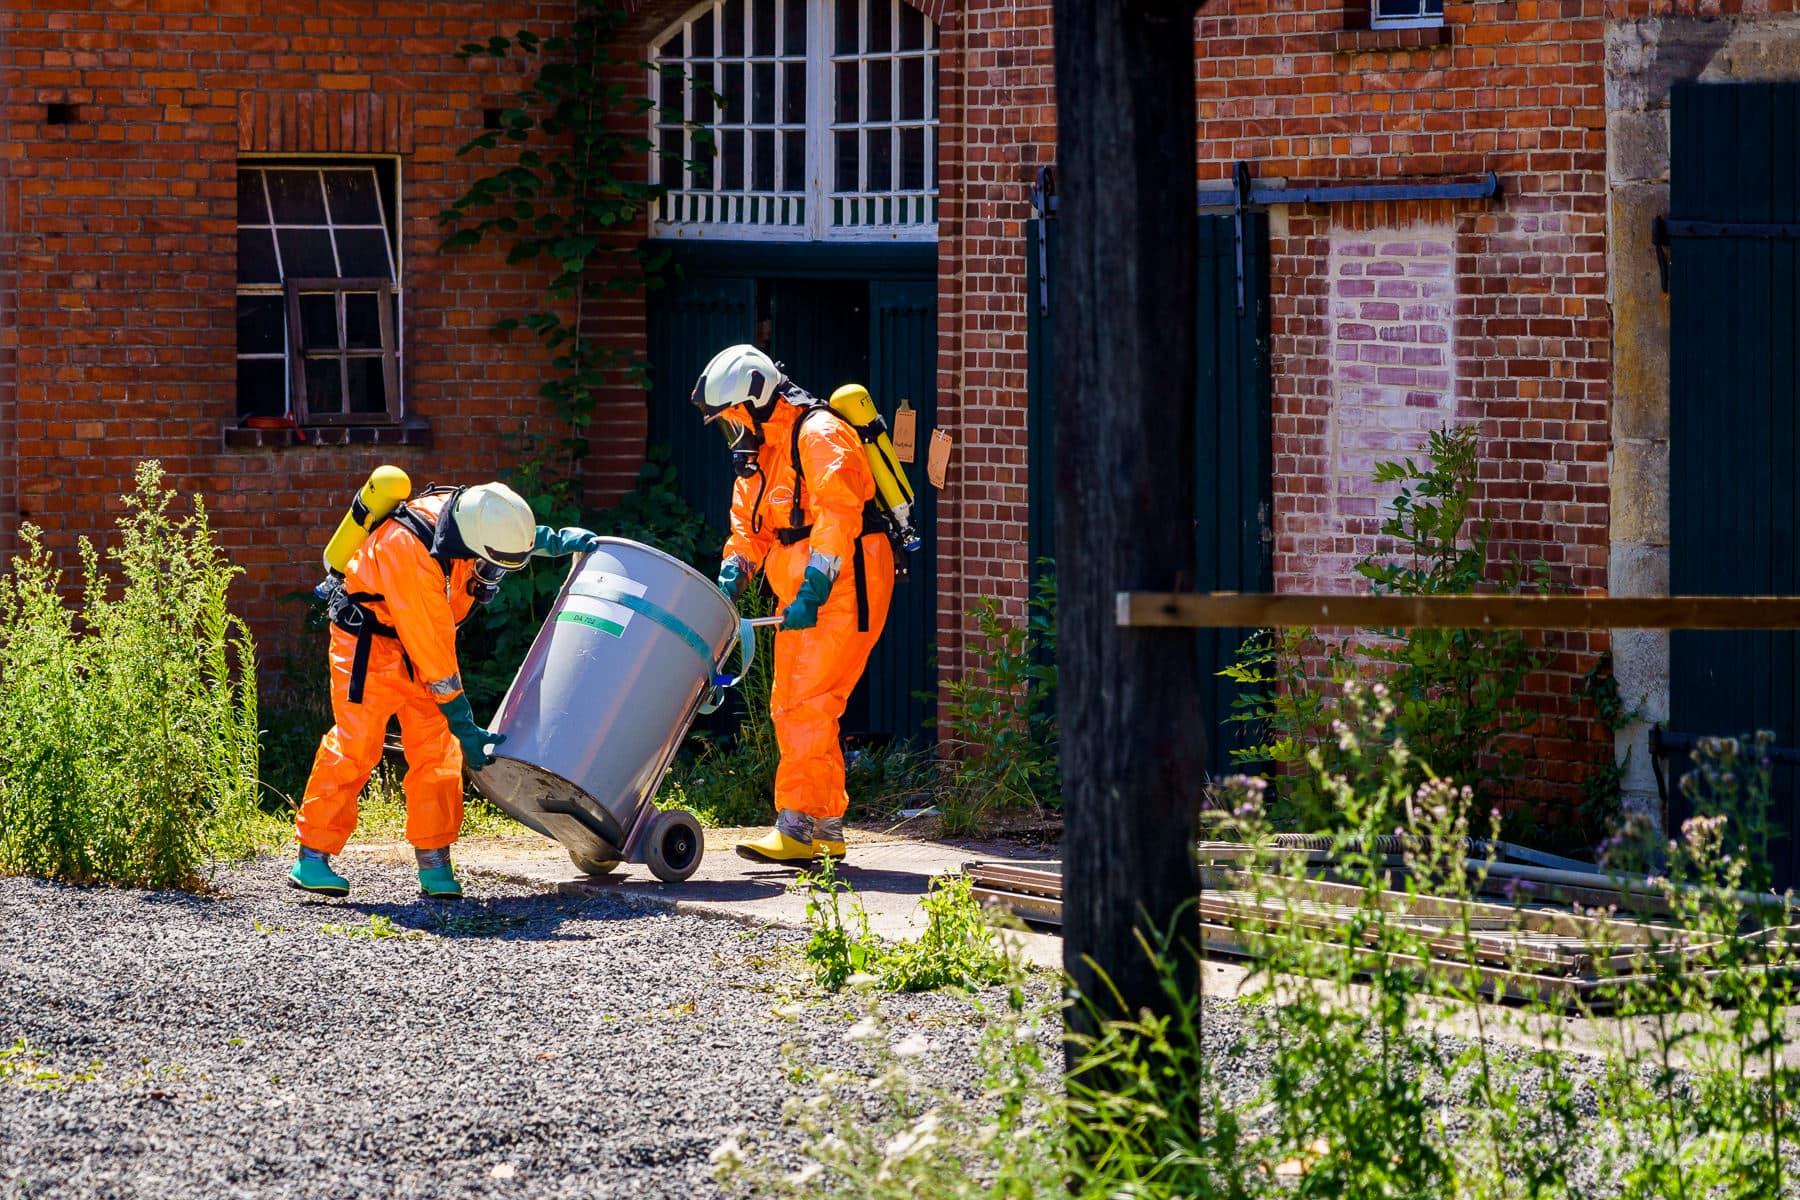 Mit leichten Schutzanzügen bergen zwei Feuerwehrleute das verschlossene Fass aus dem landwirtschaftlichen Anwesen (Foto: n112.de/Stefan Simonsen)